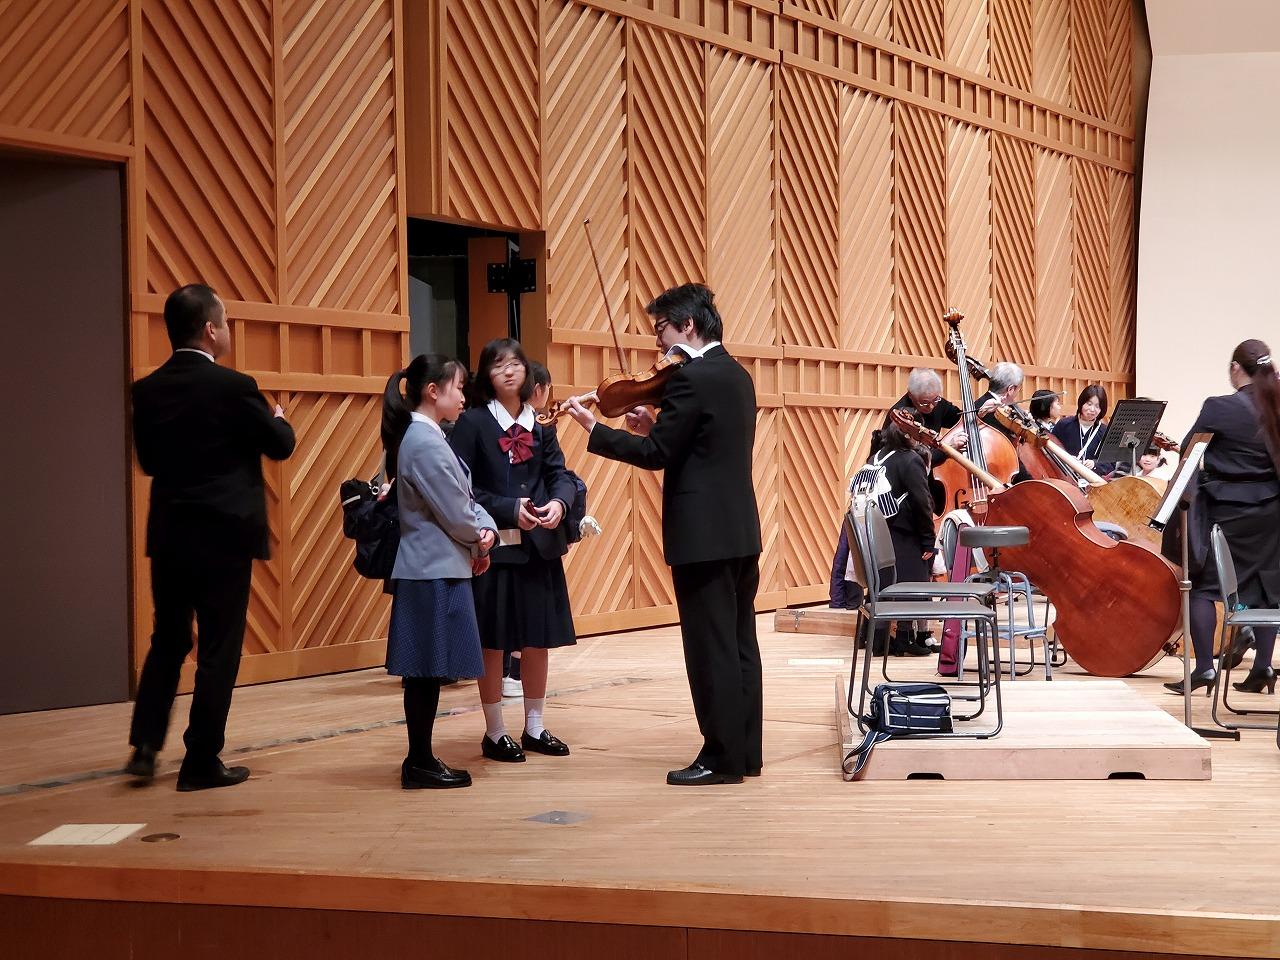 バイオリン演奏のコツを教わる